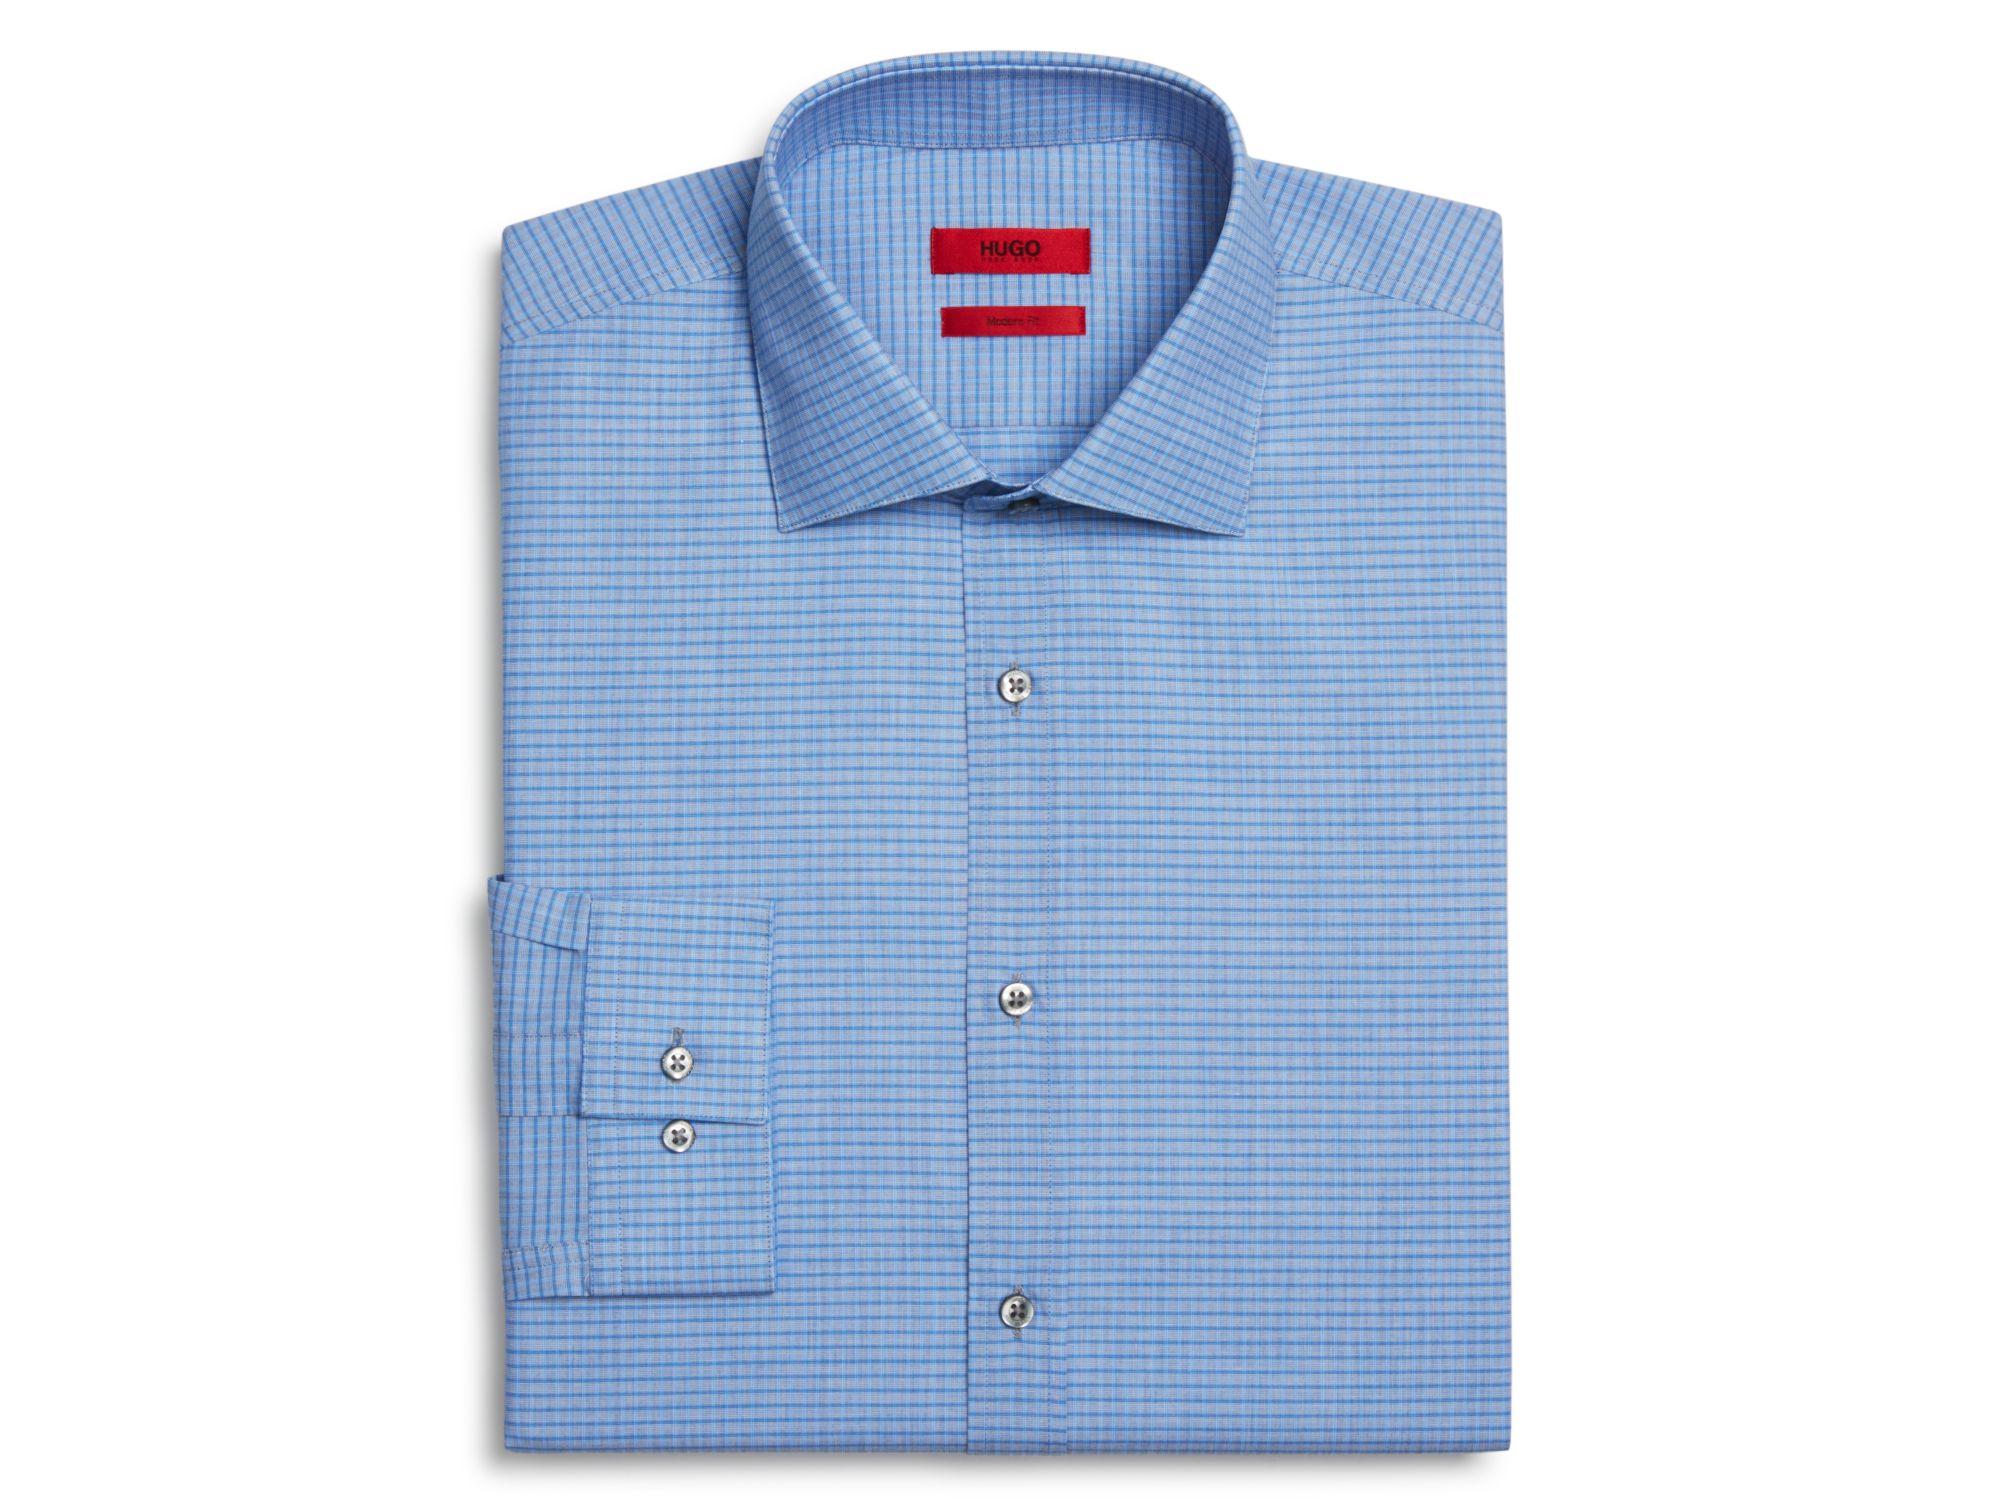 Boss hugo grid check slim fit dress shirt in blue for men for Hugo boss formal shirts